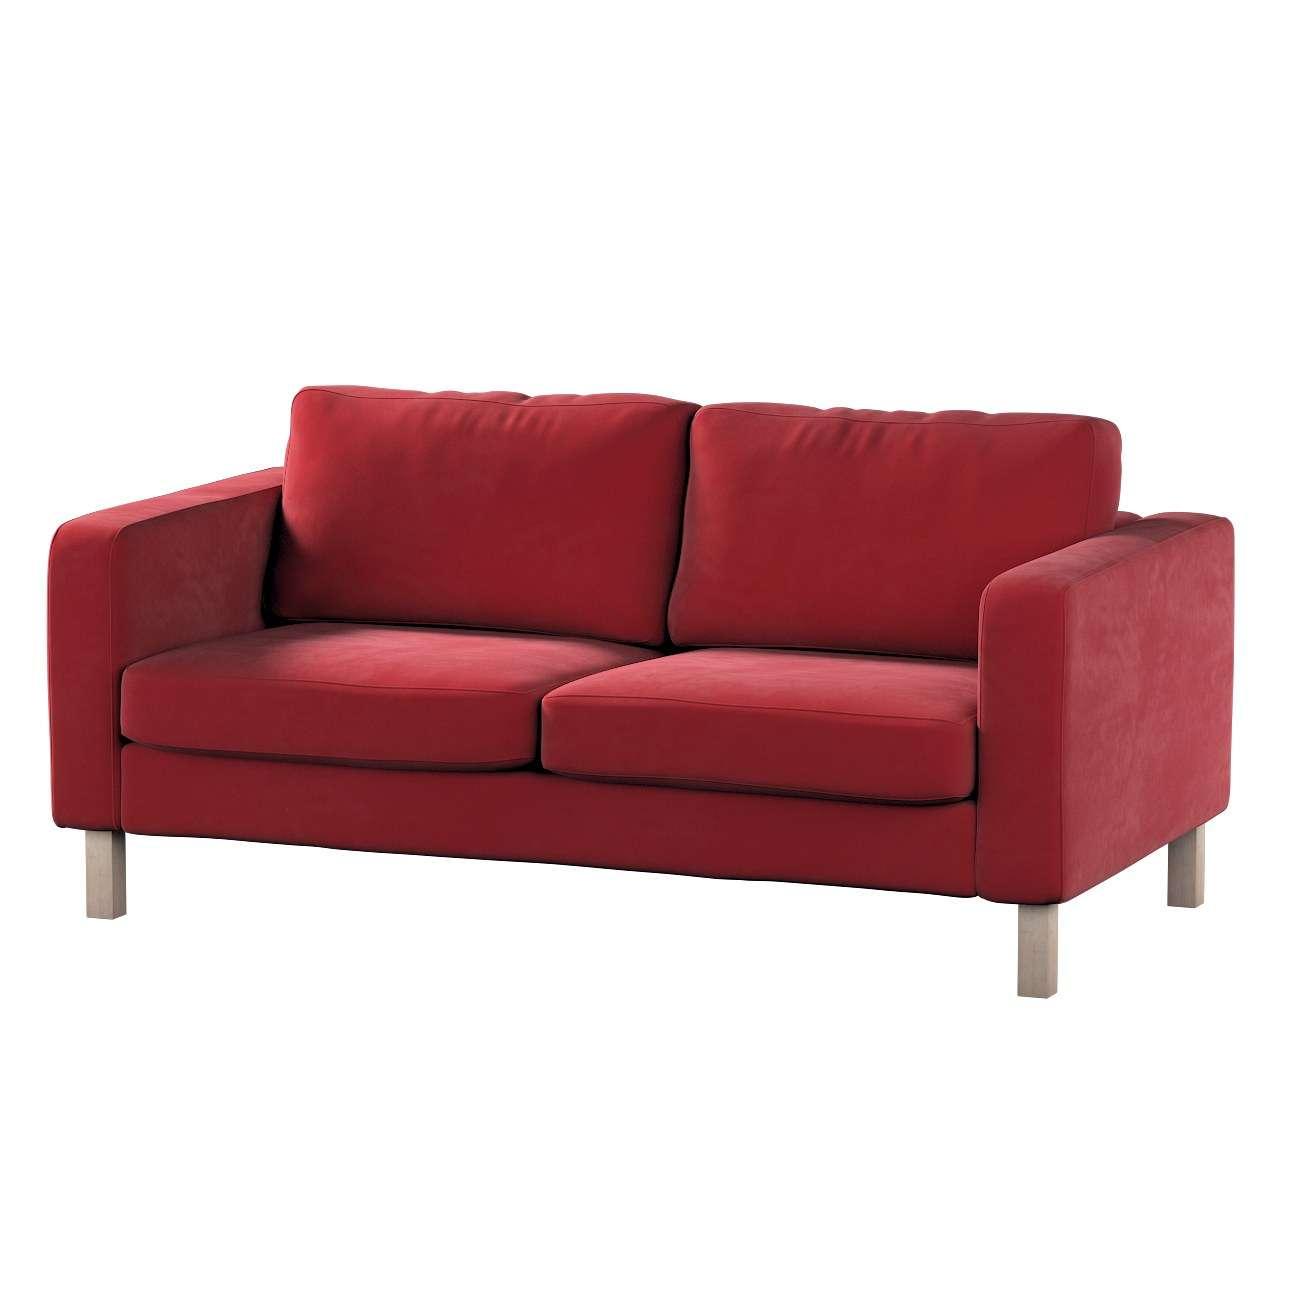 Pokrowiec na sofę Karlstad 2-osobową nierozkładaną krótki w kolekcji Christmas, tkanina: 704-15